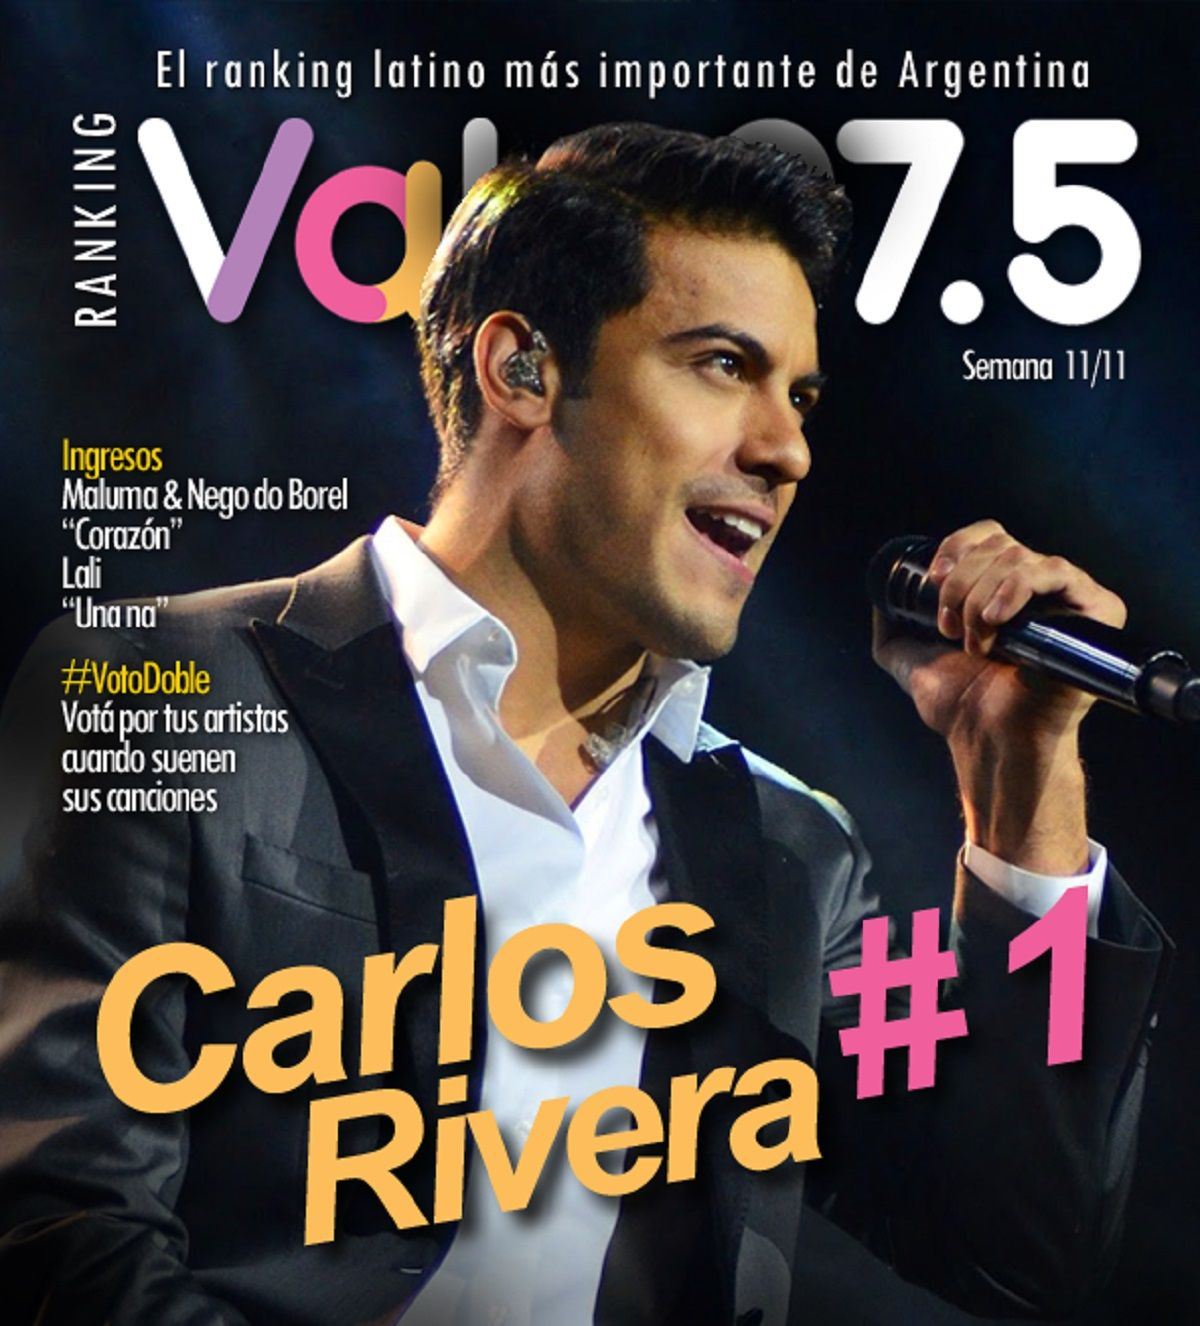 Carlos Rivera sigue al frente del Ranking Vale